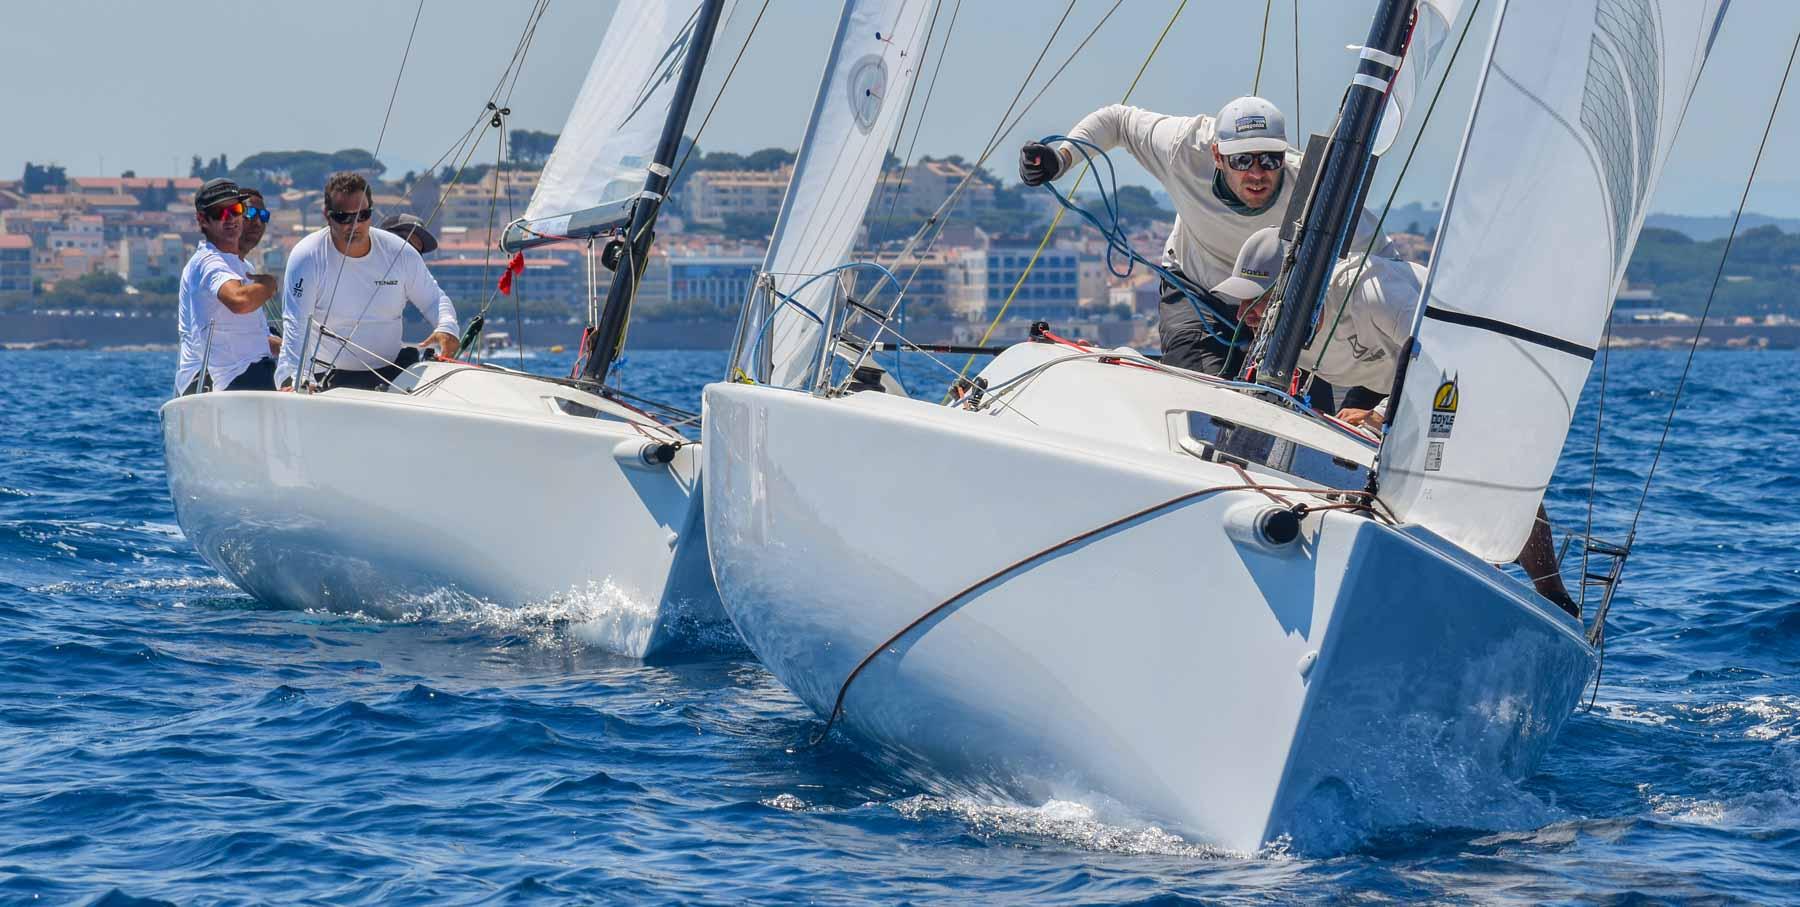 Club Nautic lEscala-Campionat Catalunya J70